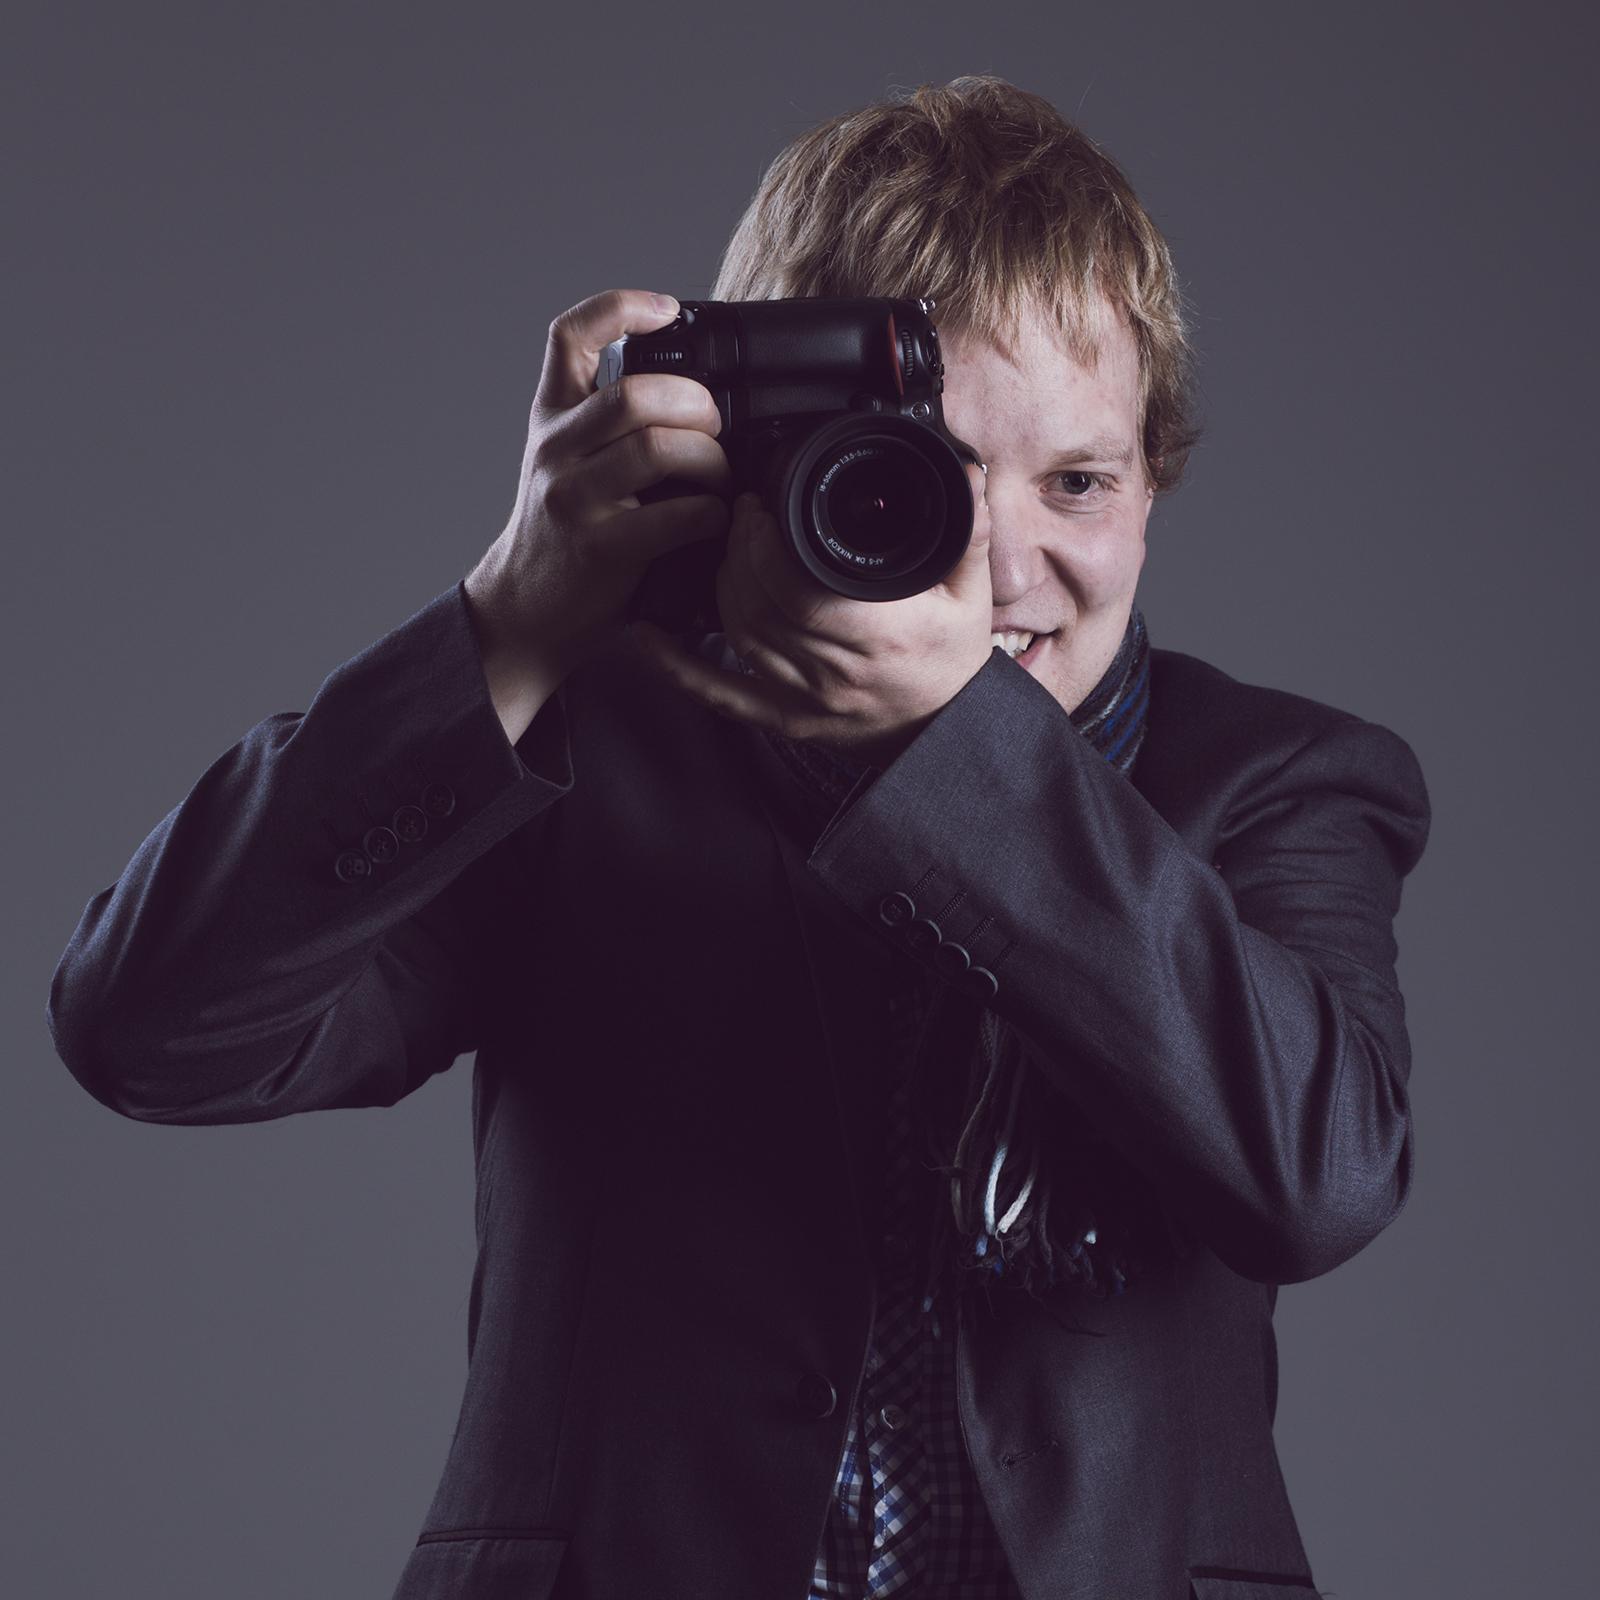 Fotograf Pascal Schmetz